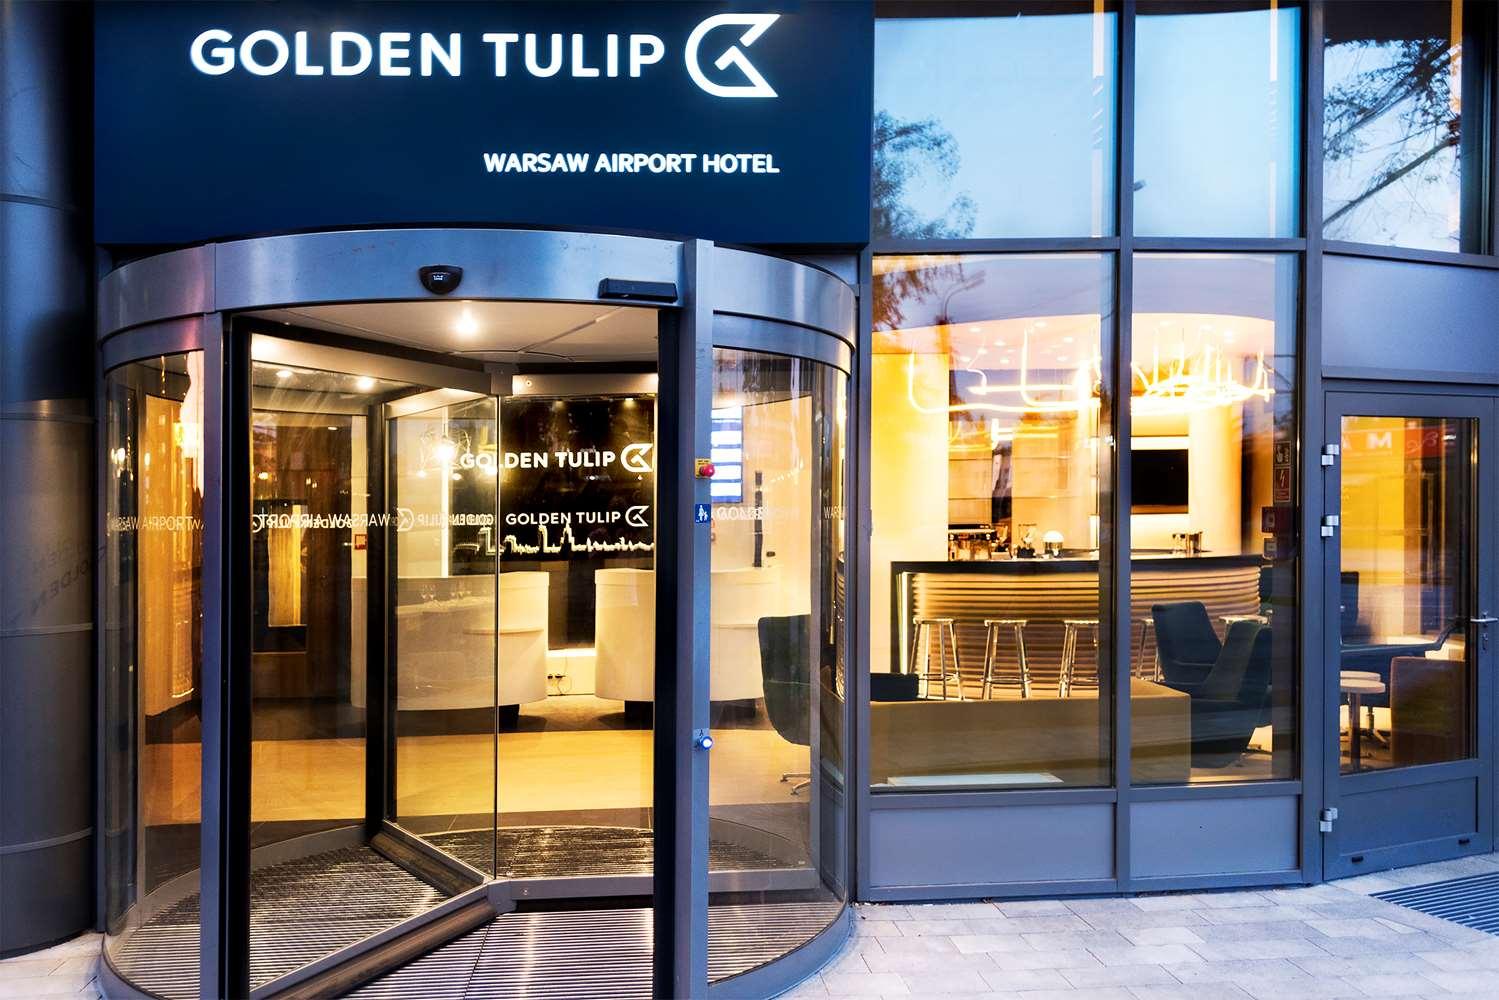 GOLDEN TULIP WARSAW AIRPORT